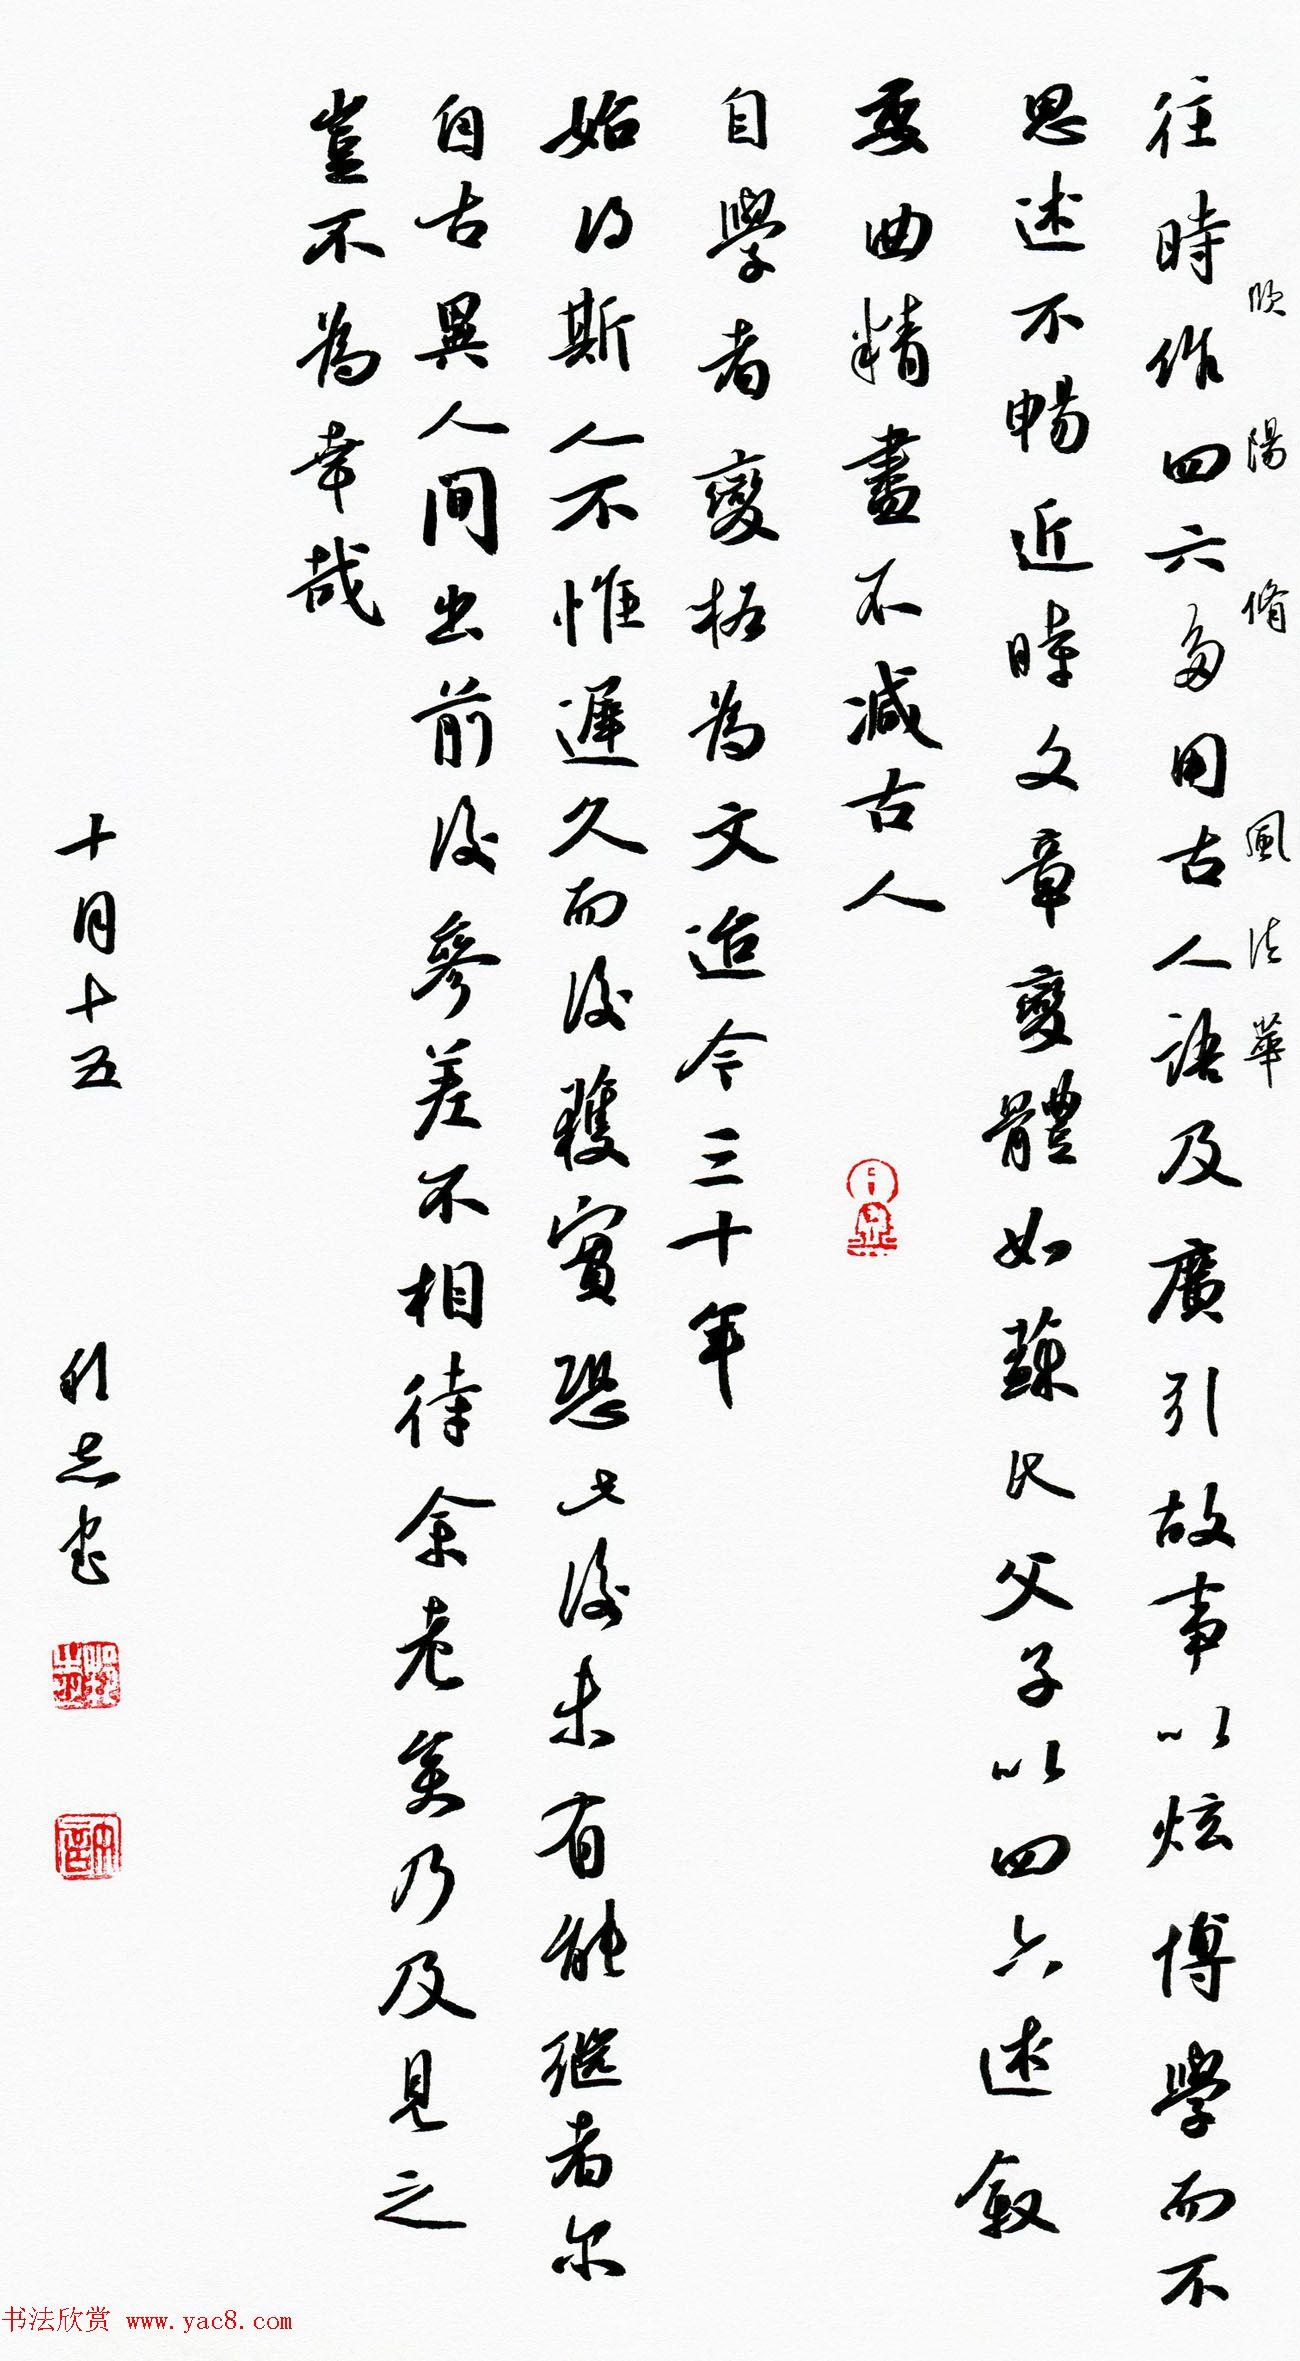 品翰堂杯第三届中国硬笔书法大赛特等奖+金奖作品